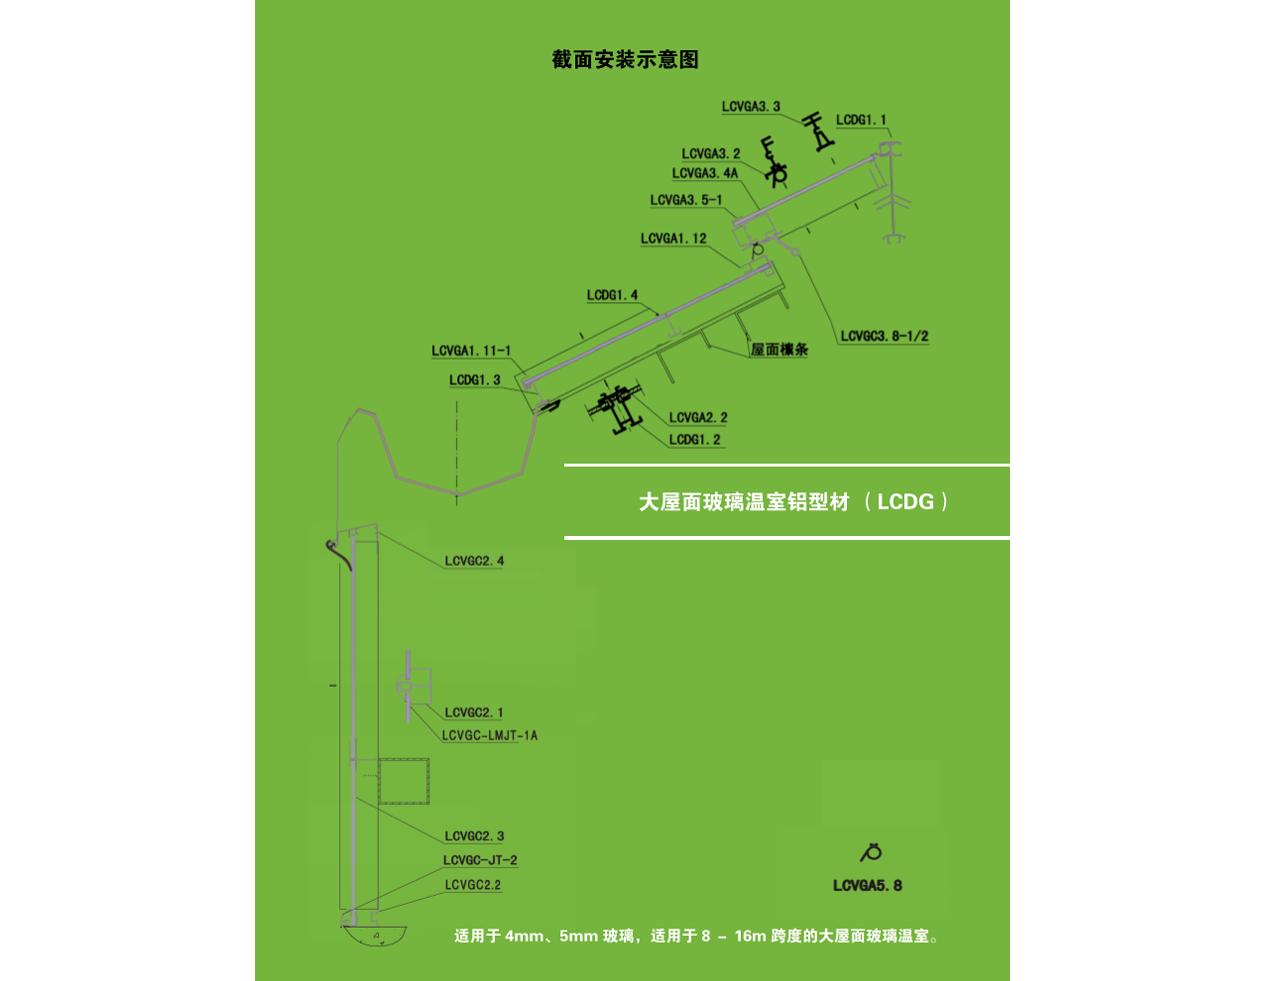 大屋面玻璃温室铝型材(LCDG)(北京华农) 照片